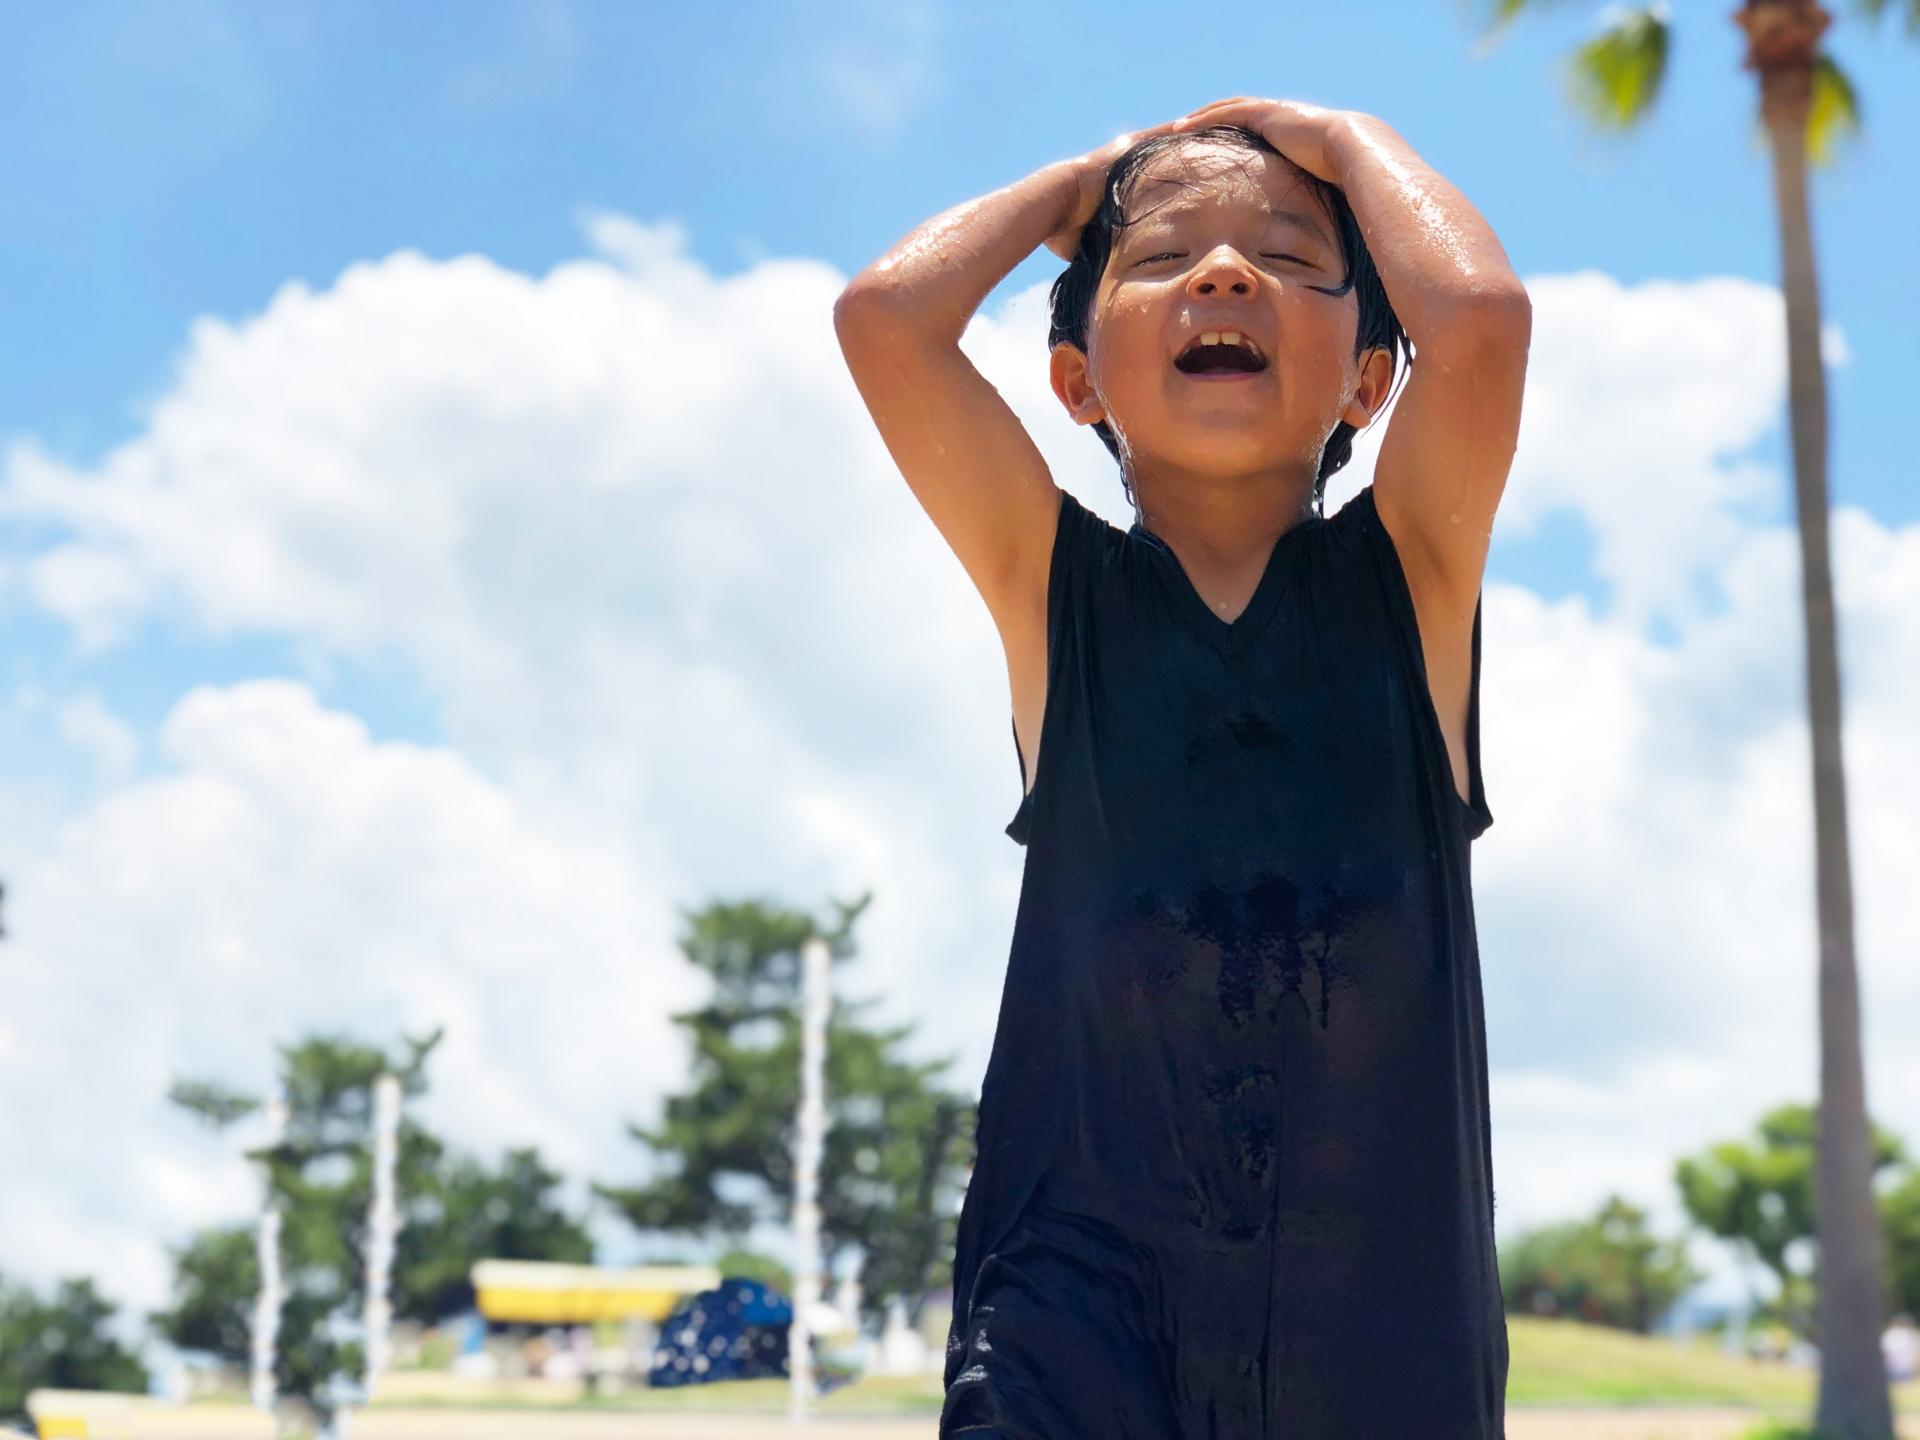 """サッカーママのスポーツメーカー訪問(後編) 「アンブロ」はサッカーバッグも""""ママ目線""""で機能性充実! いいバッグを使えば子どもの収納力が向上する!?"""